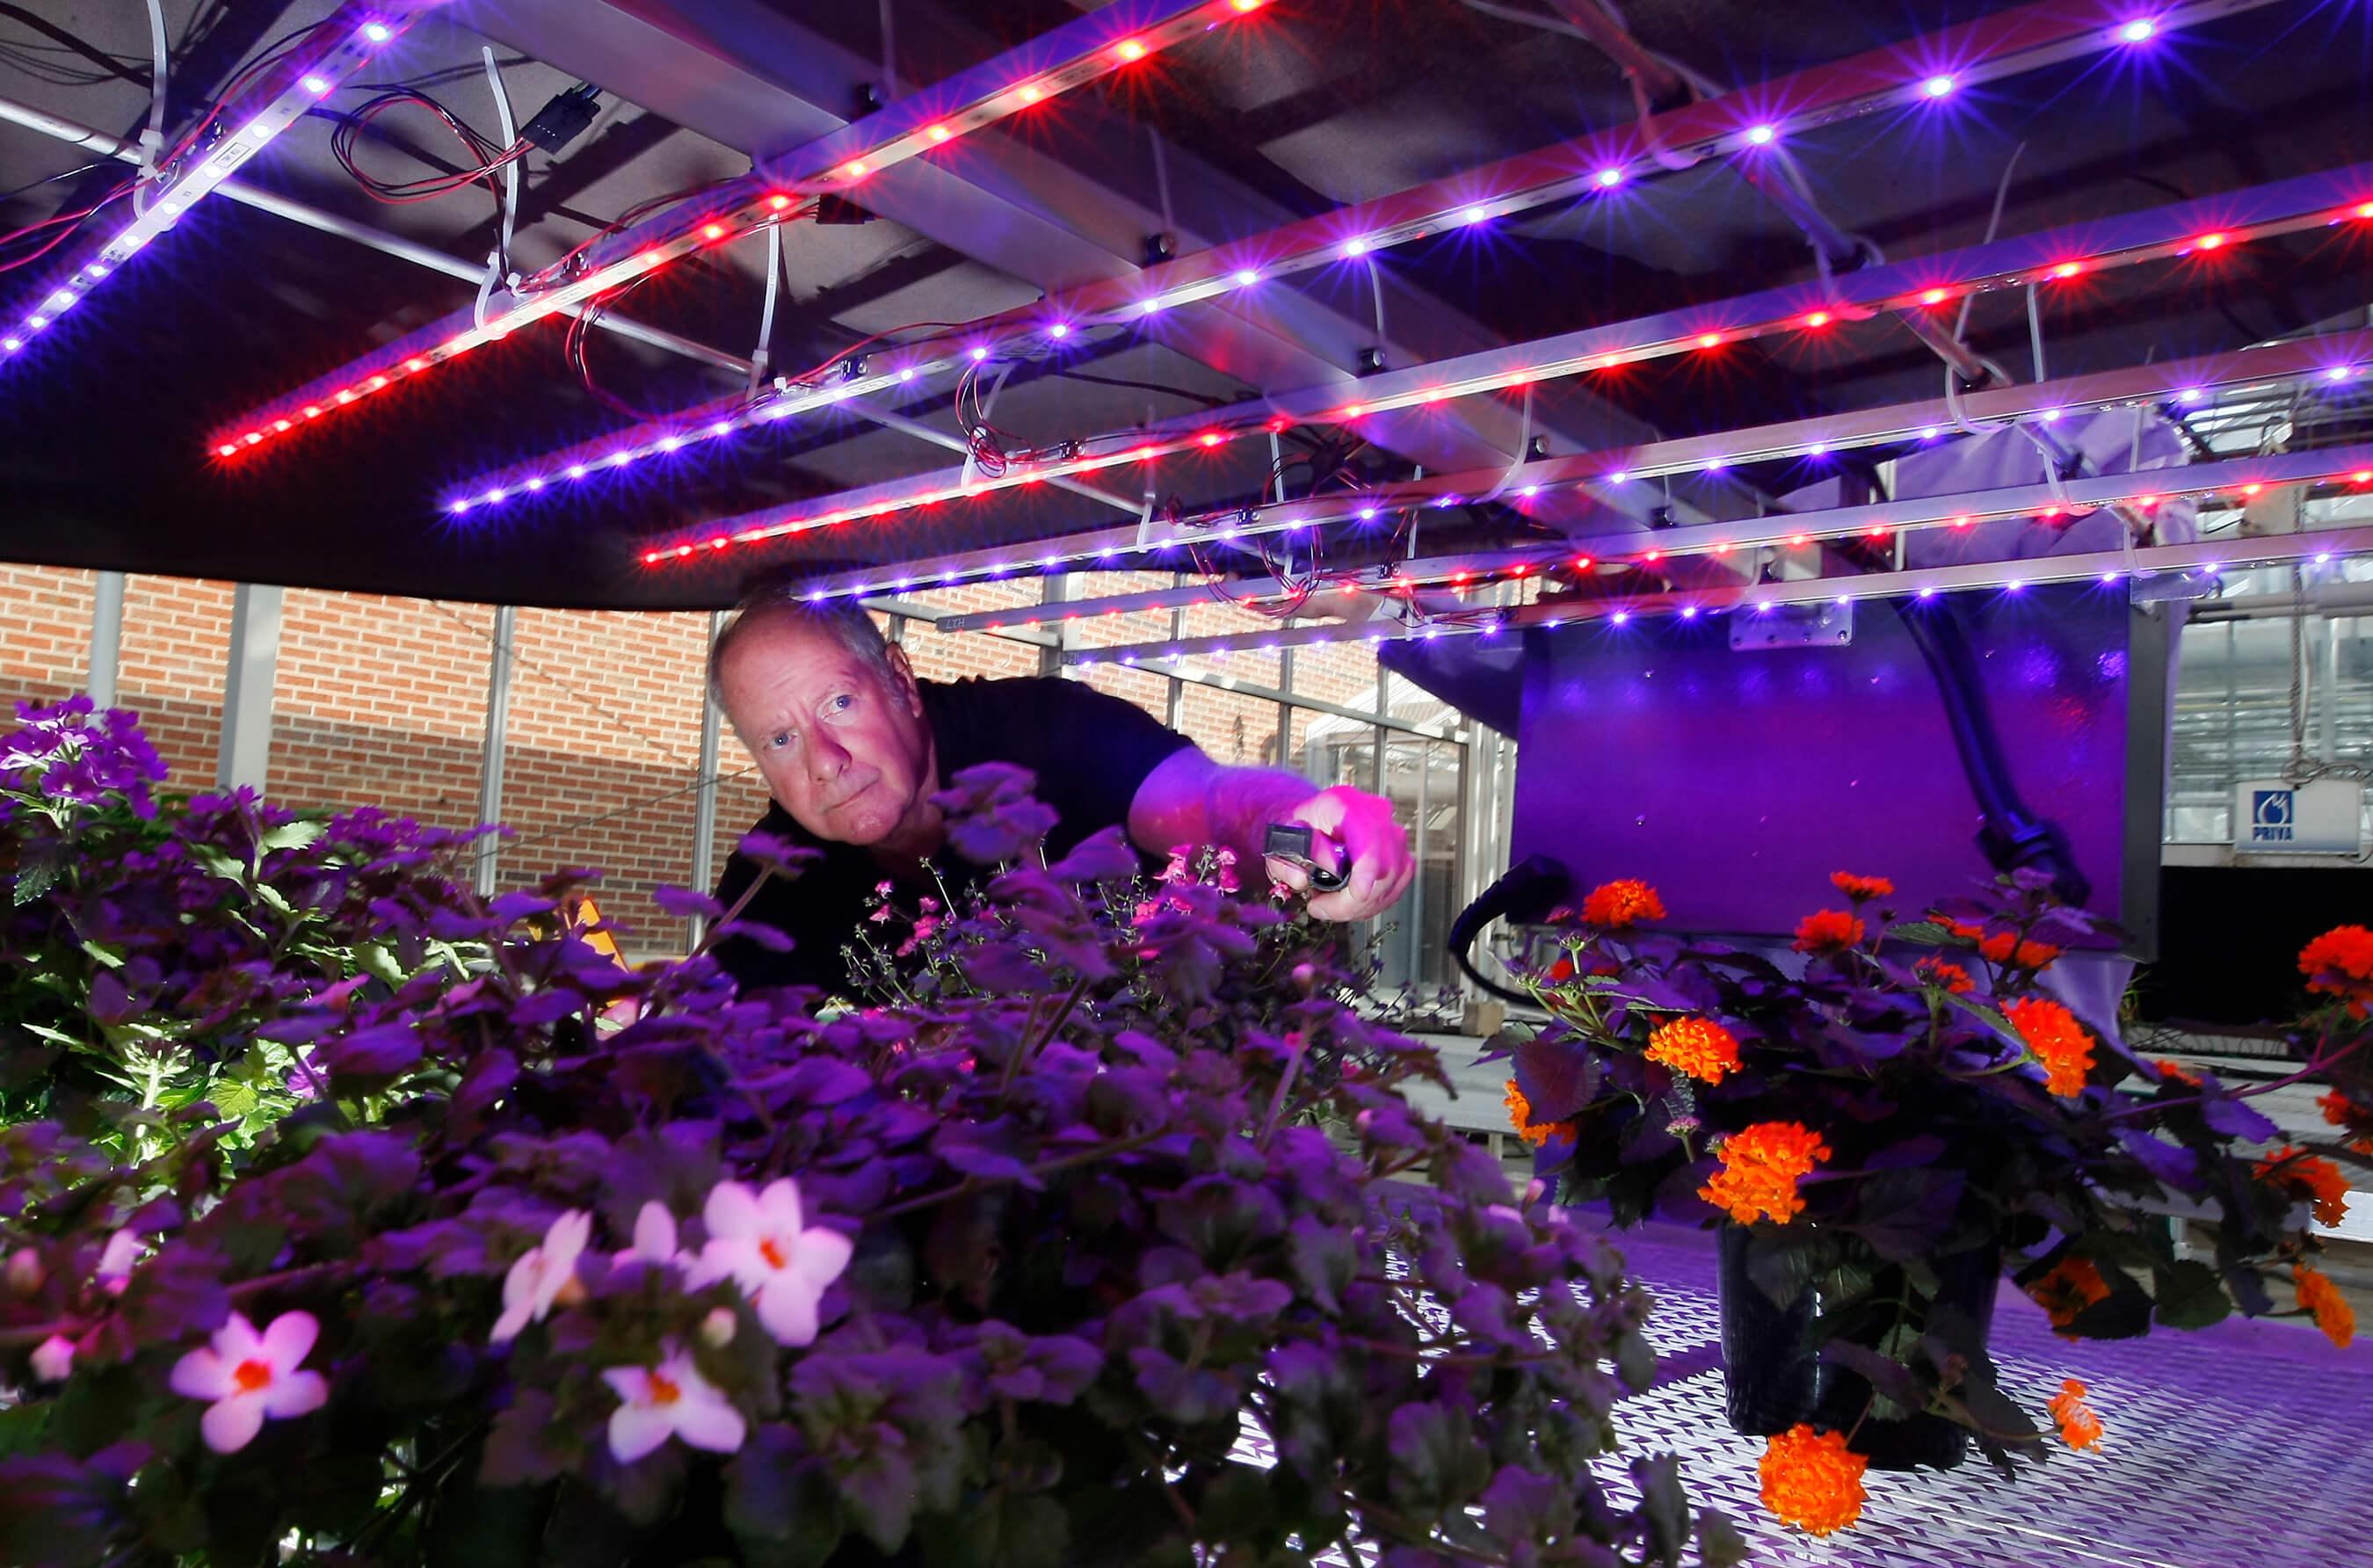 Фито светодиодная лента для растений своими руками